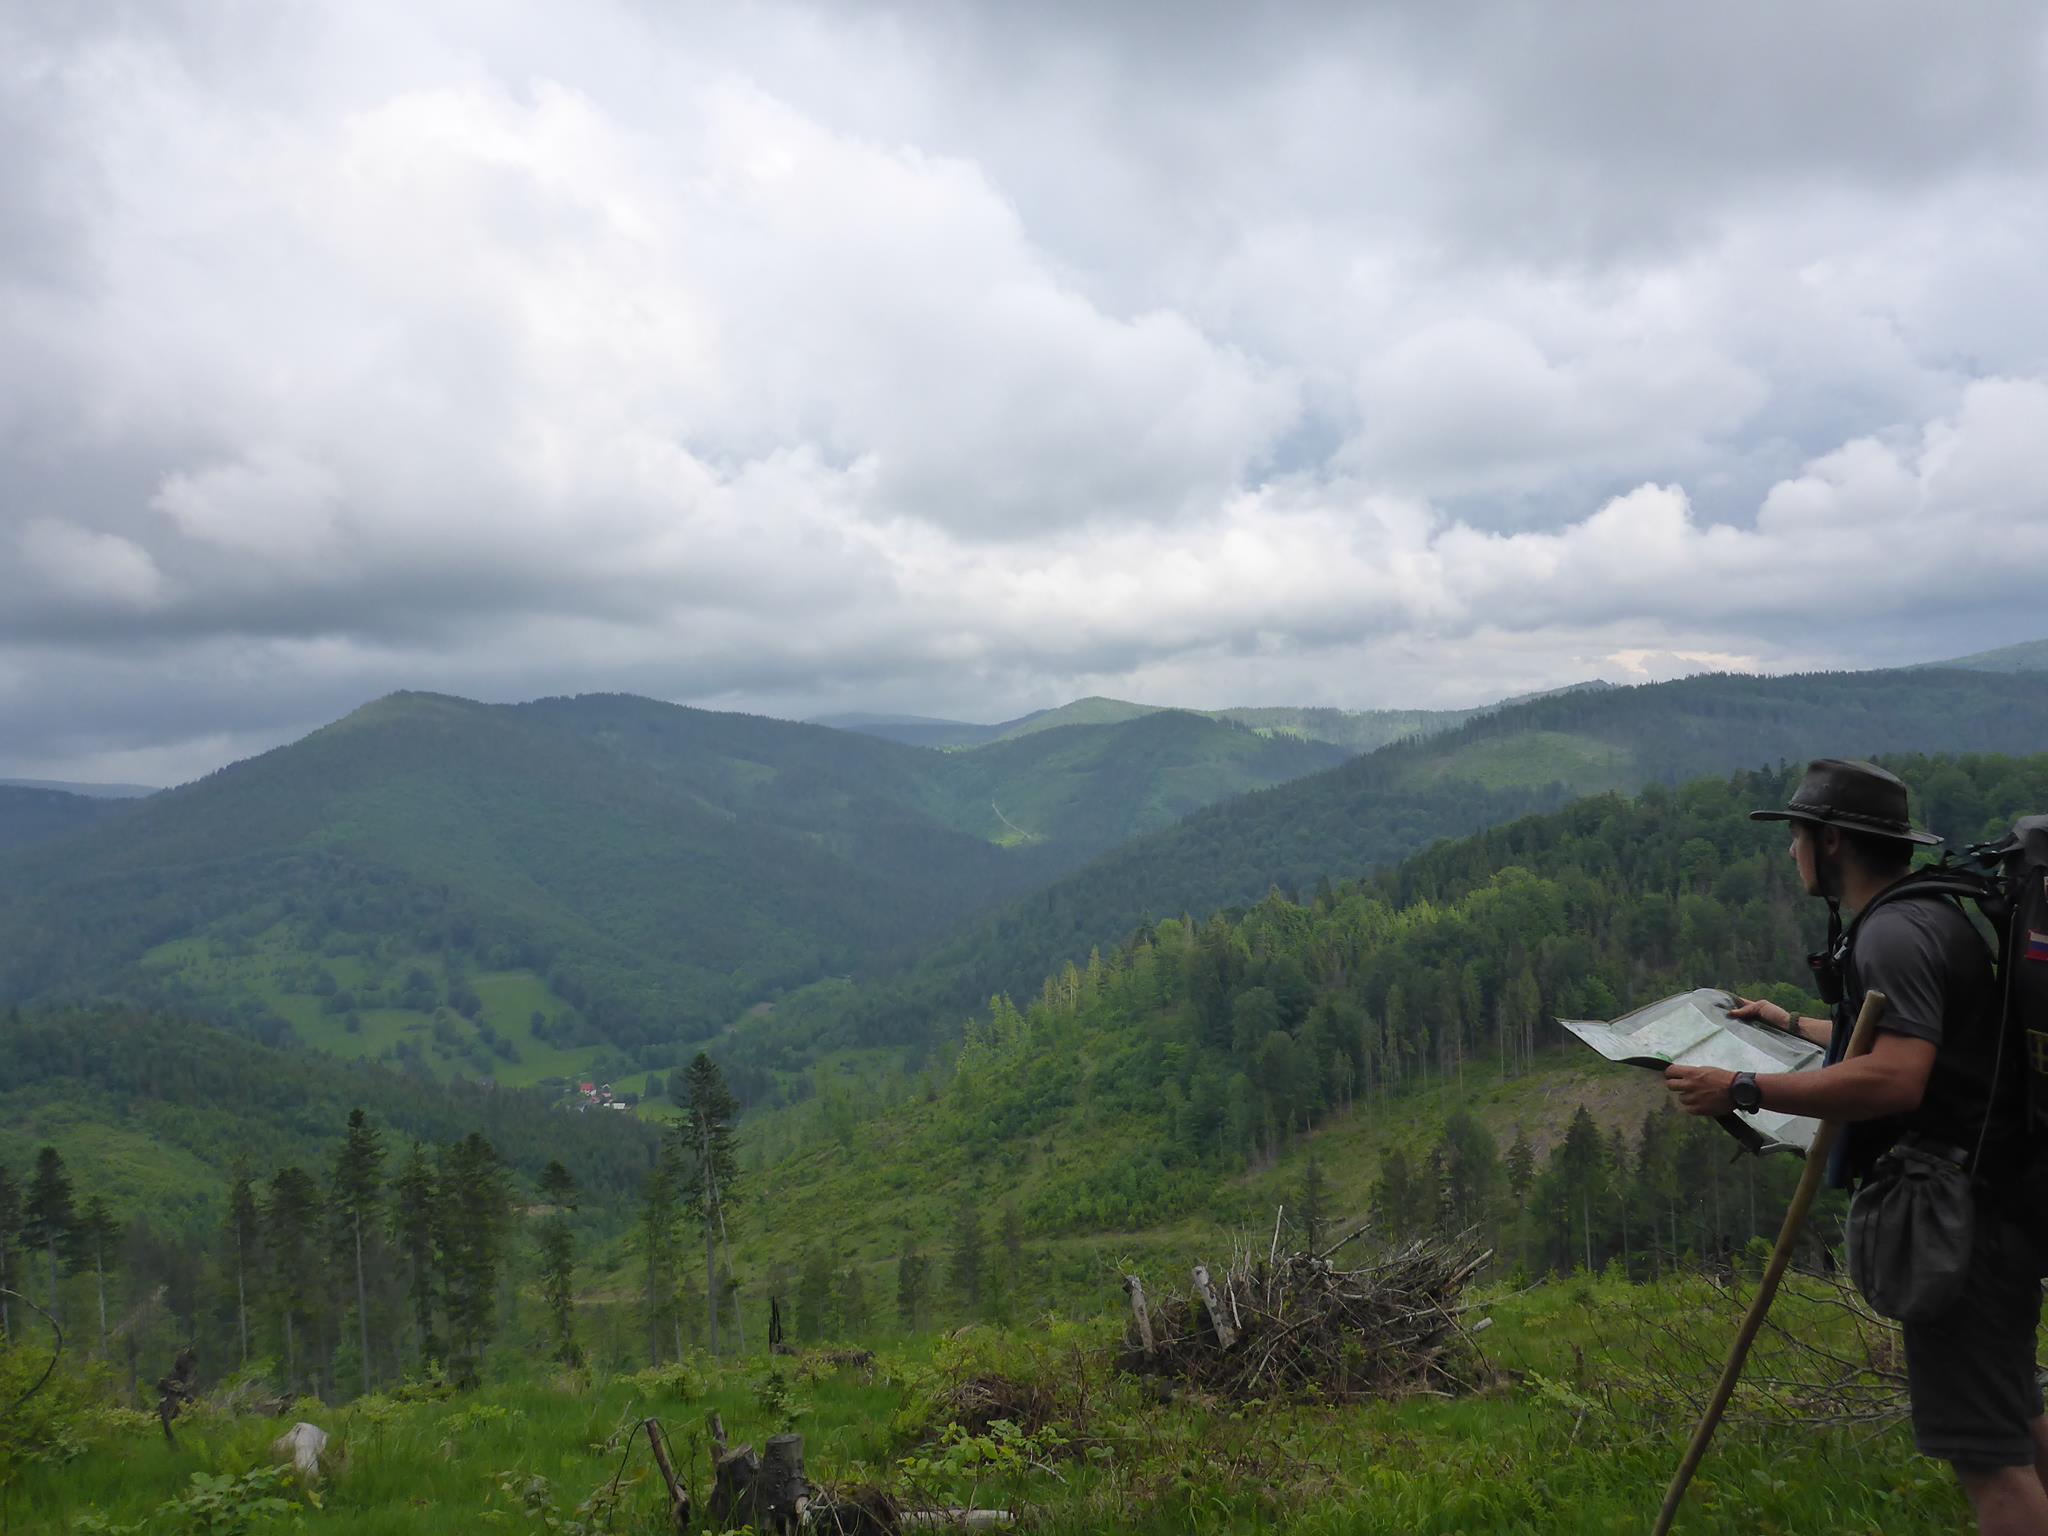 Je me réadapte à la marche à travers de belles petites montagnes